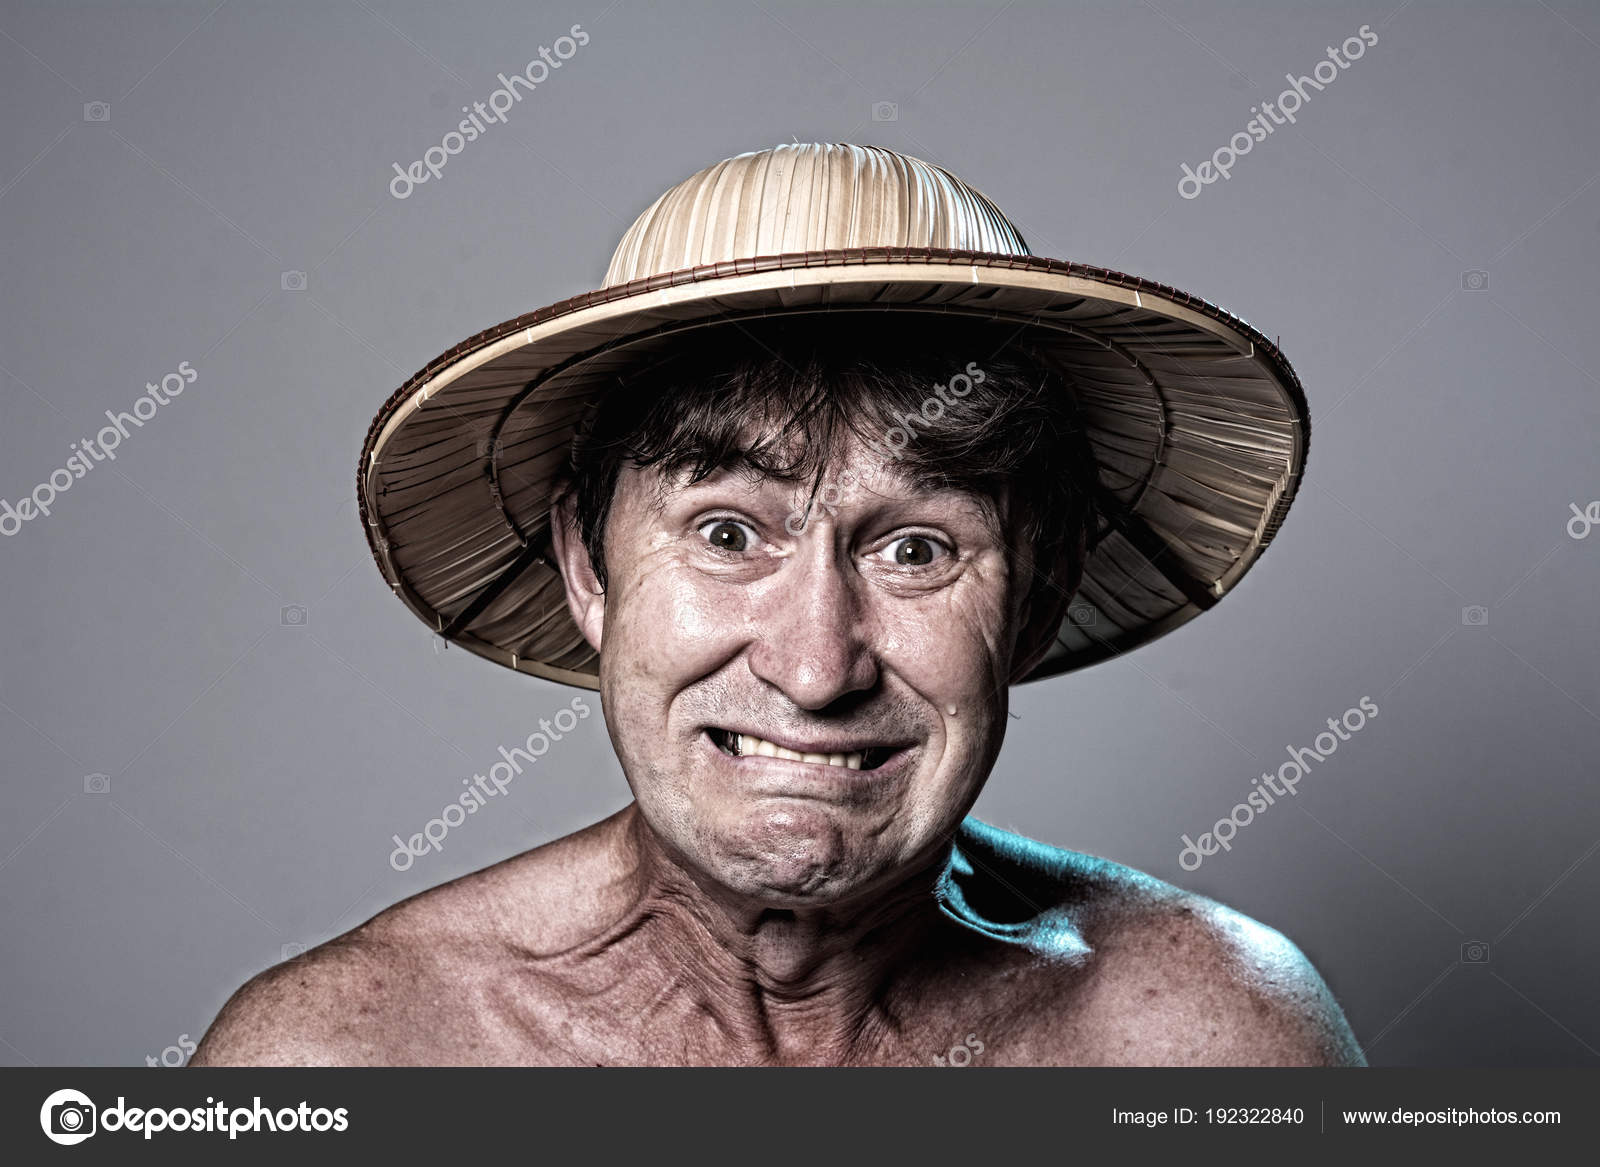 Ritratto del primo piano di un uomo amareggiato con un torso nudo in un  cappello su uno sfondo grigio. Un uomo in un cappello di paglia Mostra i  denti ... 9e0e6a7fcacd